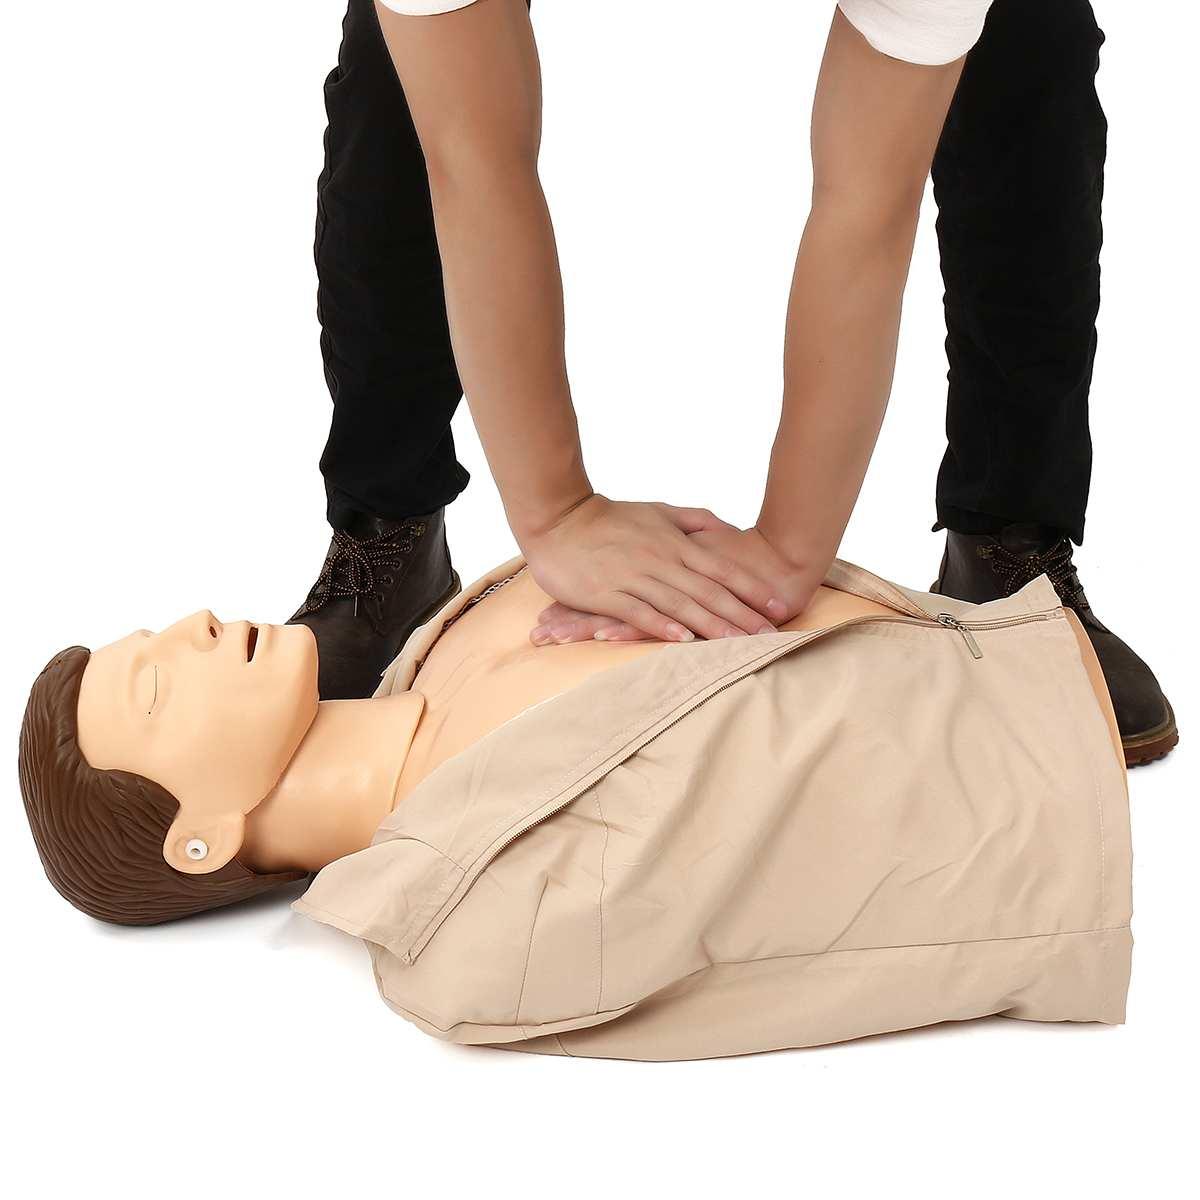 Mannequin de formation en rcr 70x22x34 cm buste Mannequin de formation en soins infirmiers professionnels modèle médical modèle de formation en premiers soins humains nouveau - 2